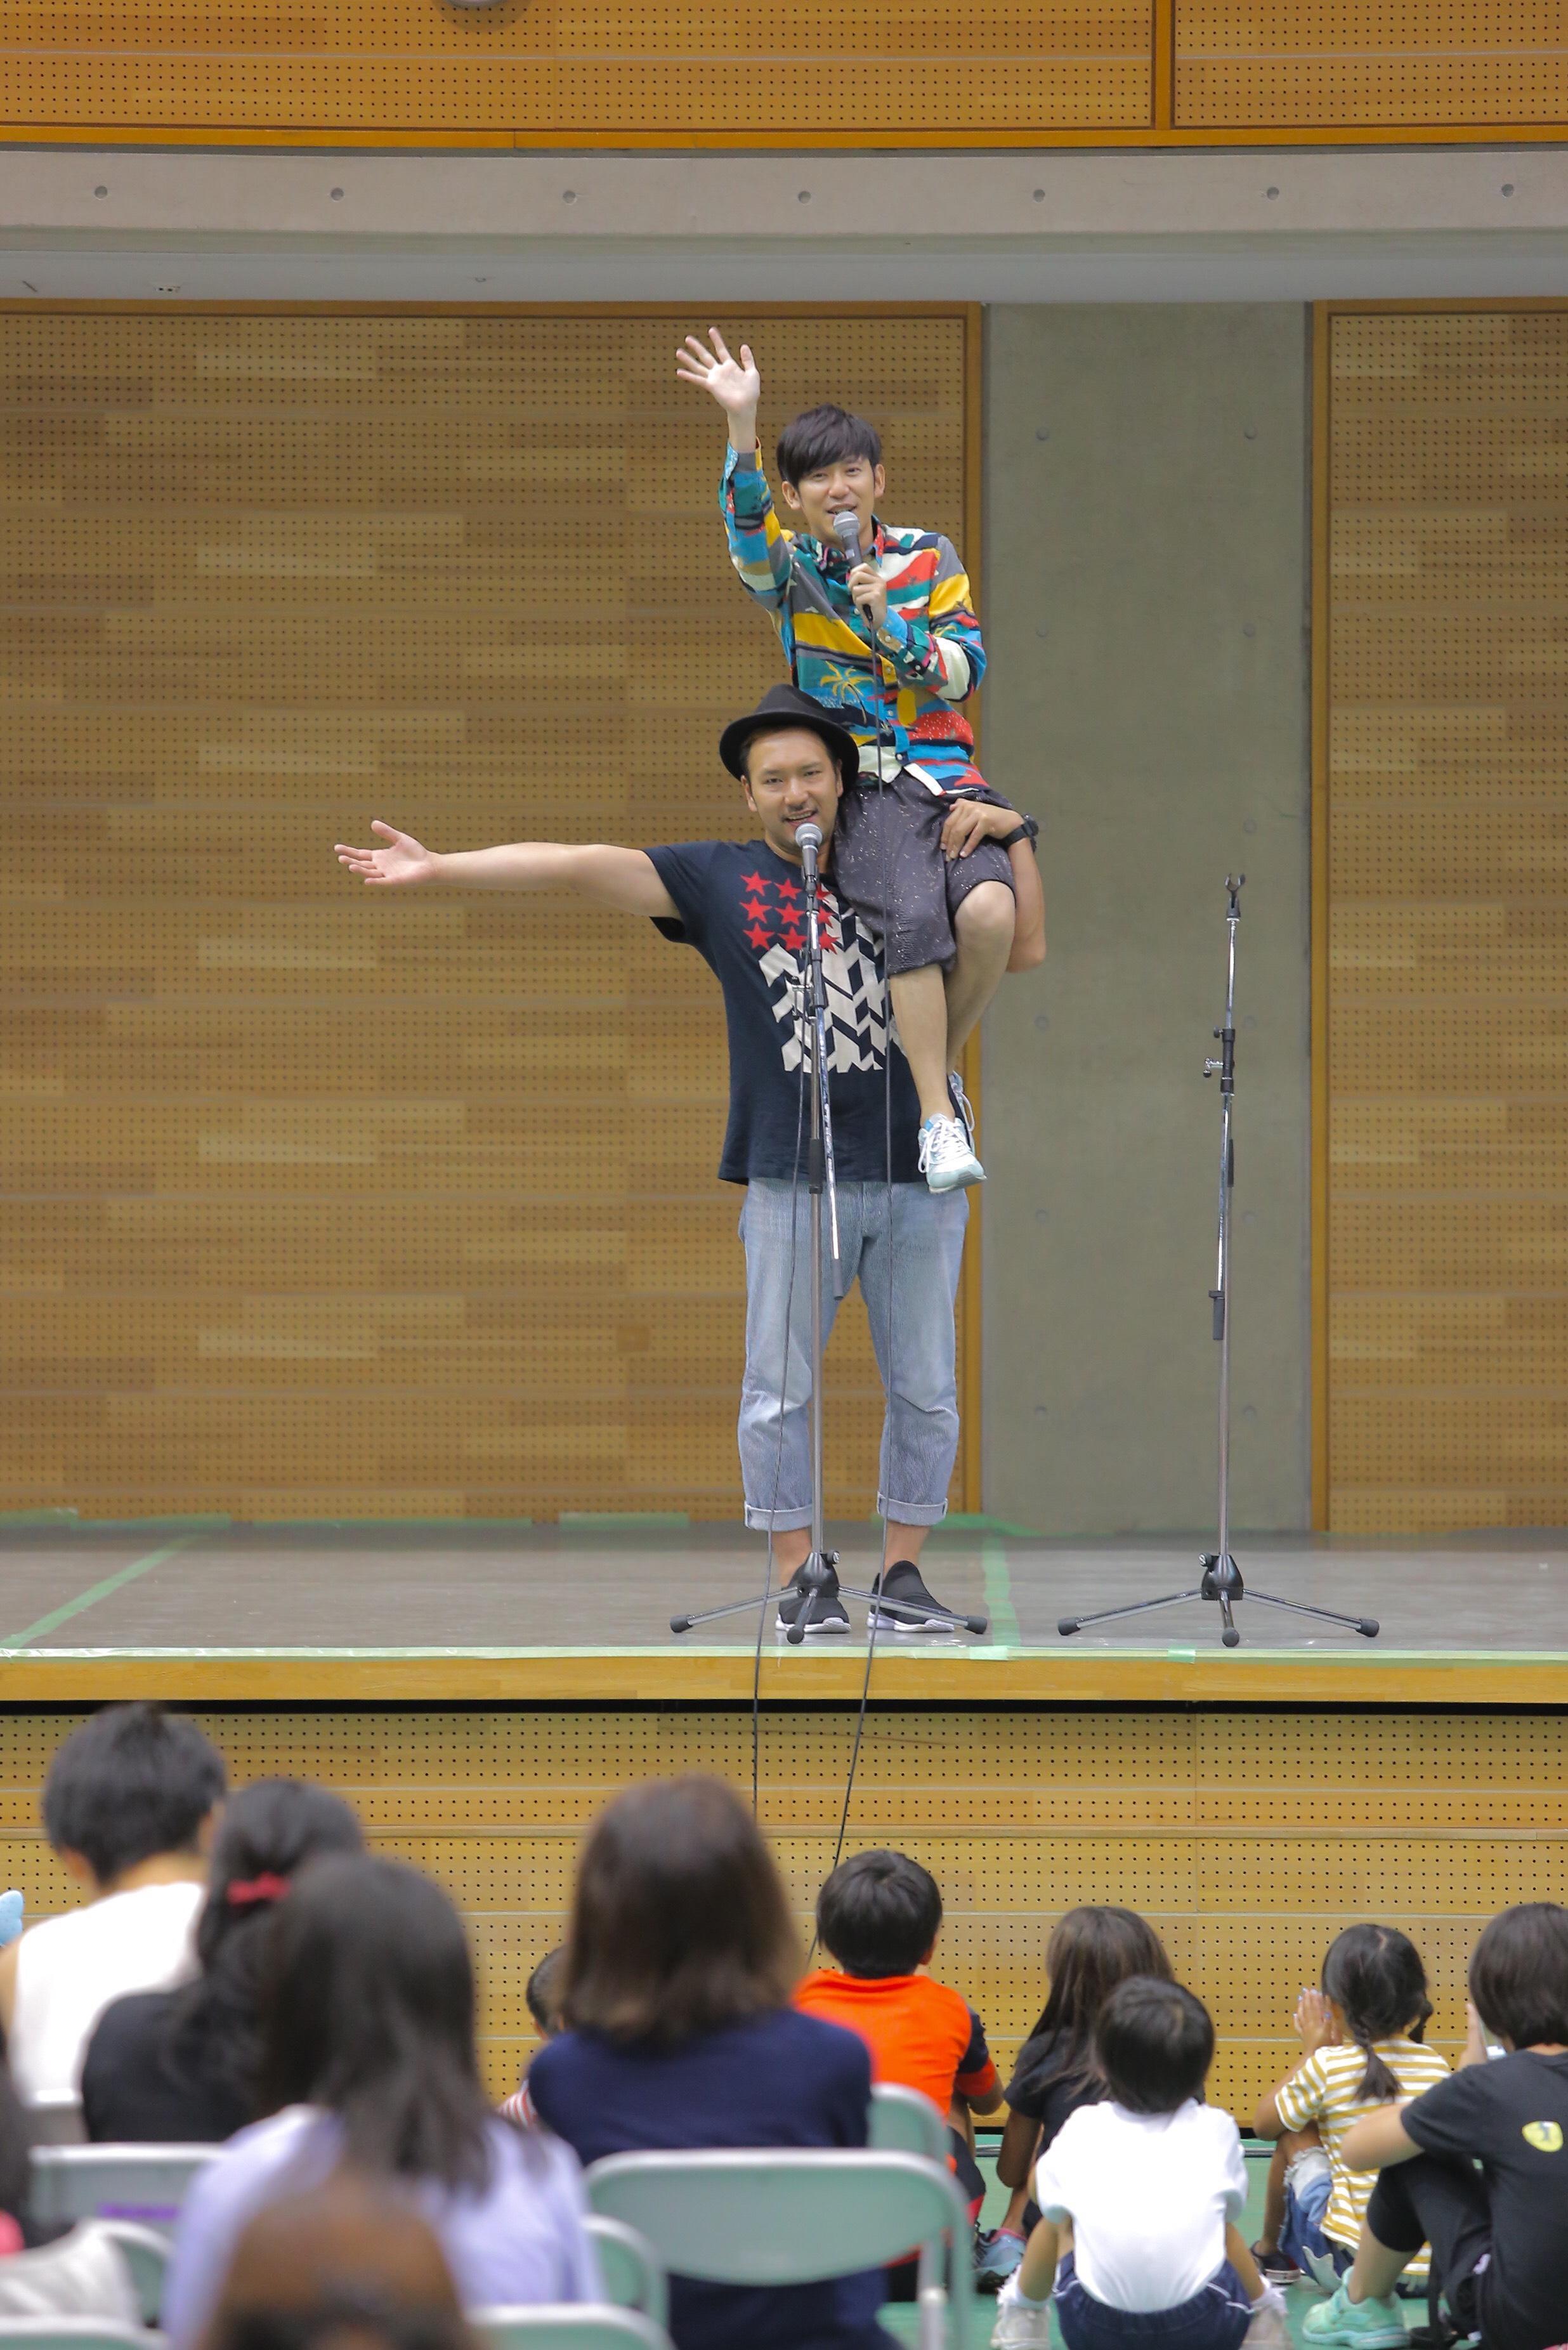 http://news.yoshimoto.co.jp/20171001211424-fb224a0db88ad1a59faff5250651581571a4c956.jpg